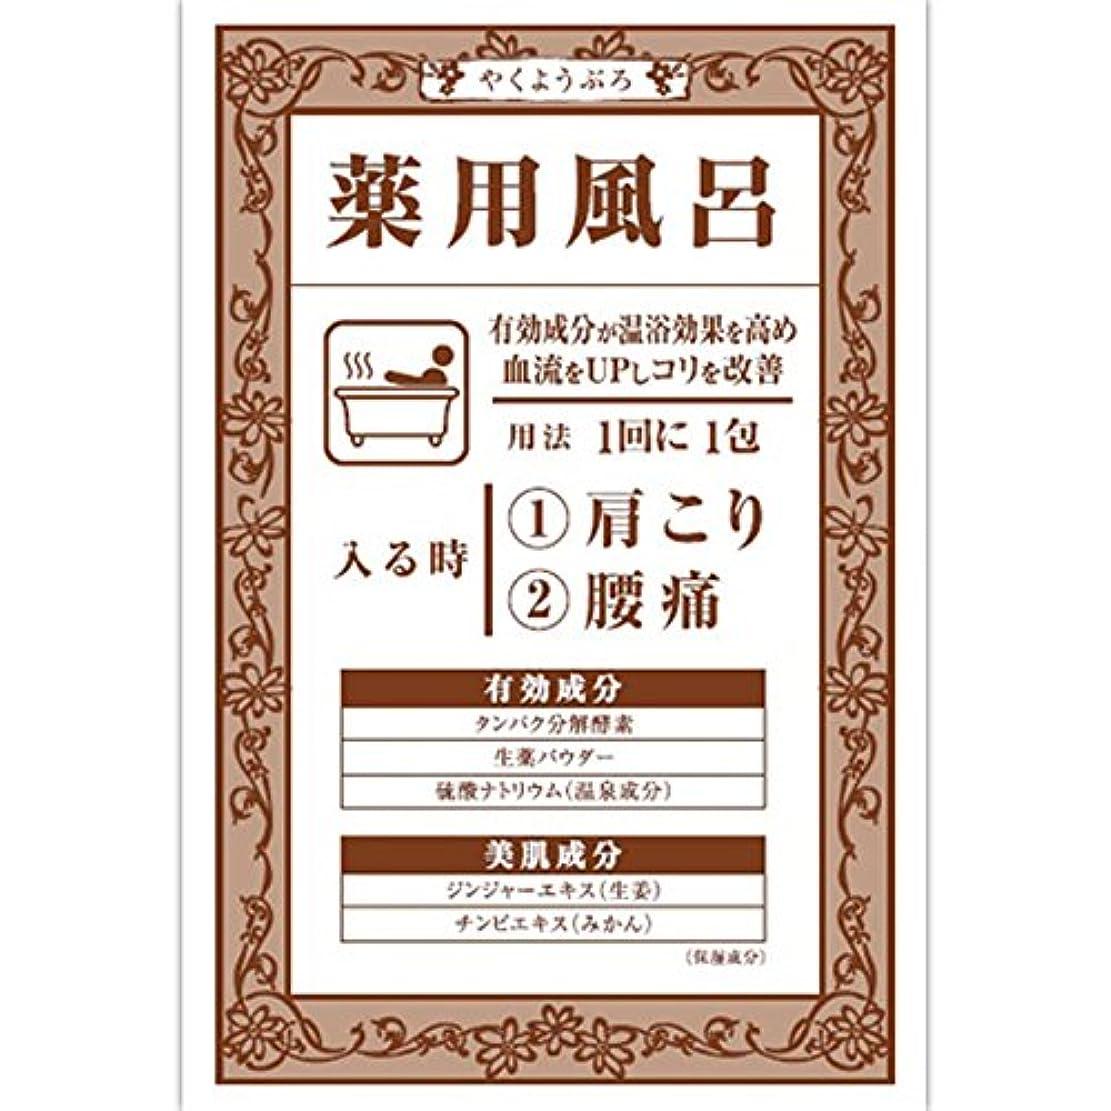 鮫我慢する従順大山 薬用風呂KKa(肩こり?腰痛) 40G(医薬部外品)